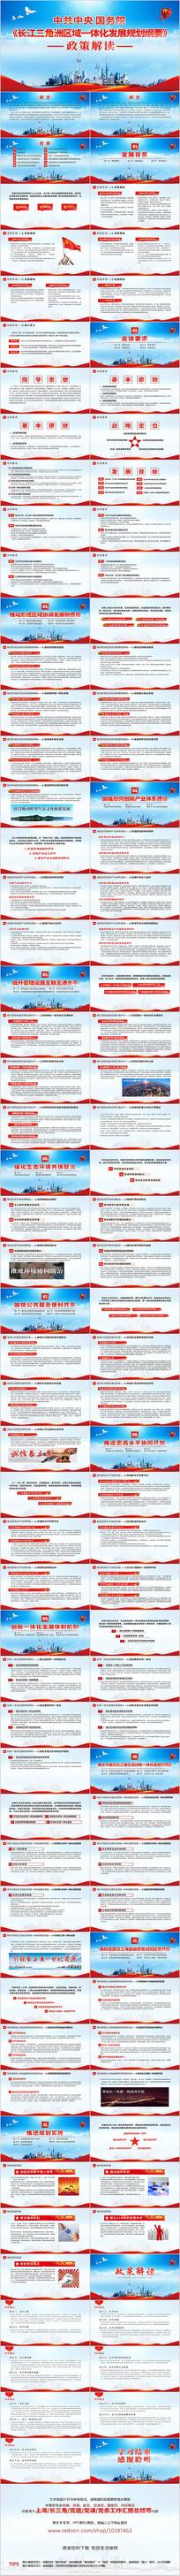 长江三角洲区域一体化发展规划纲要PPT